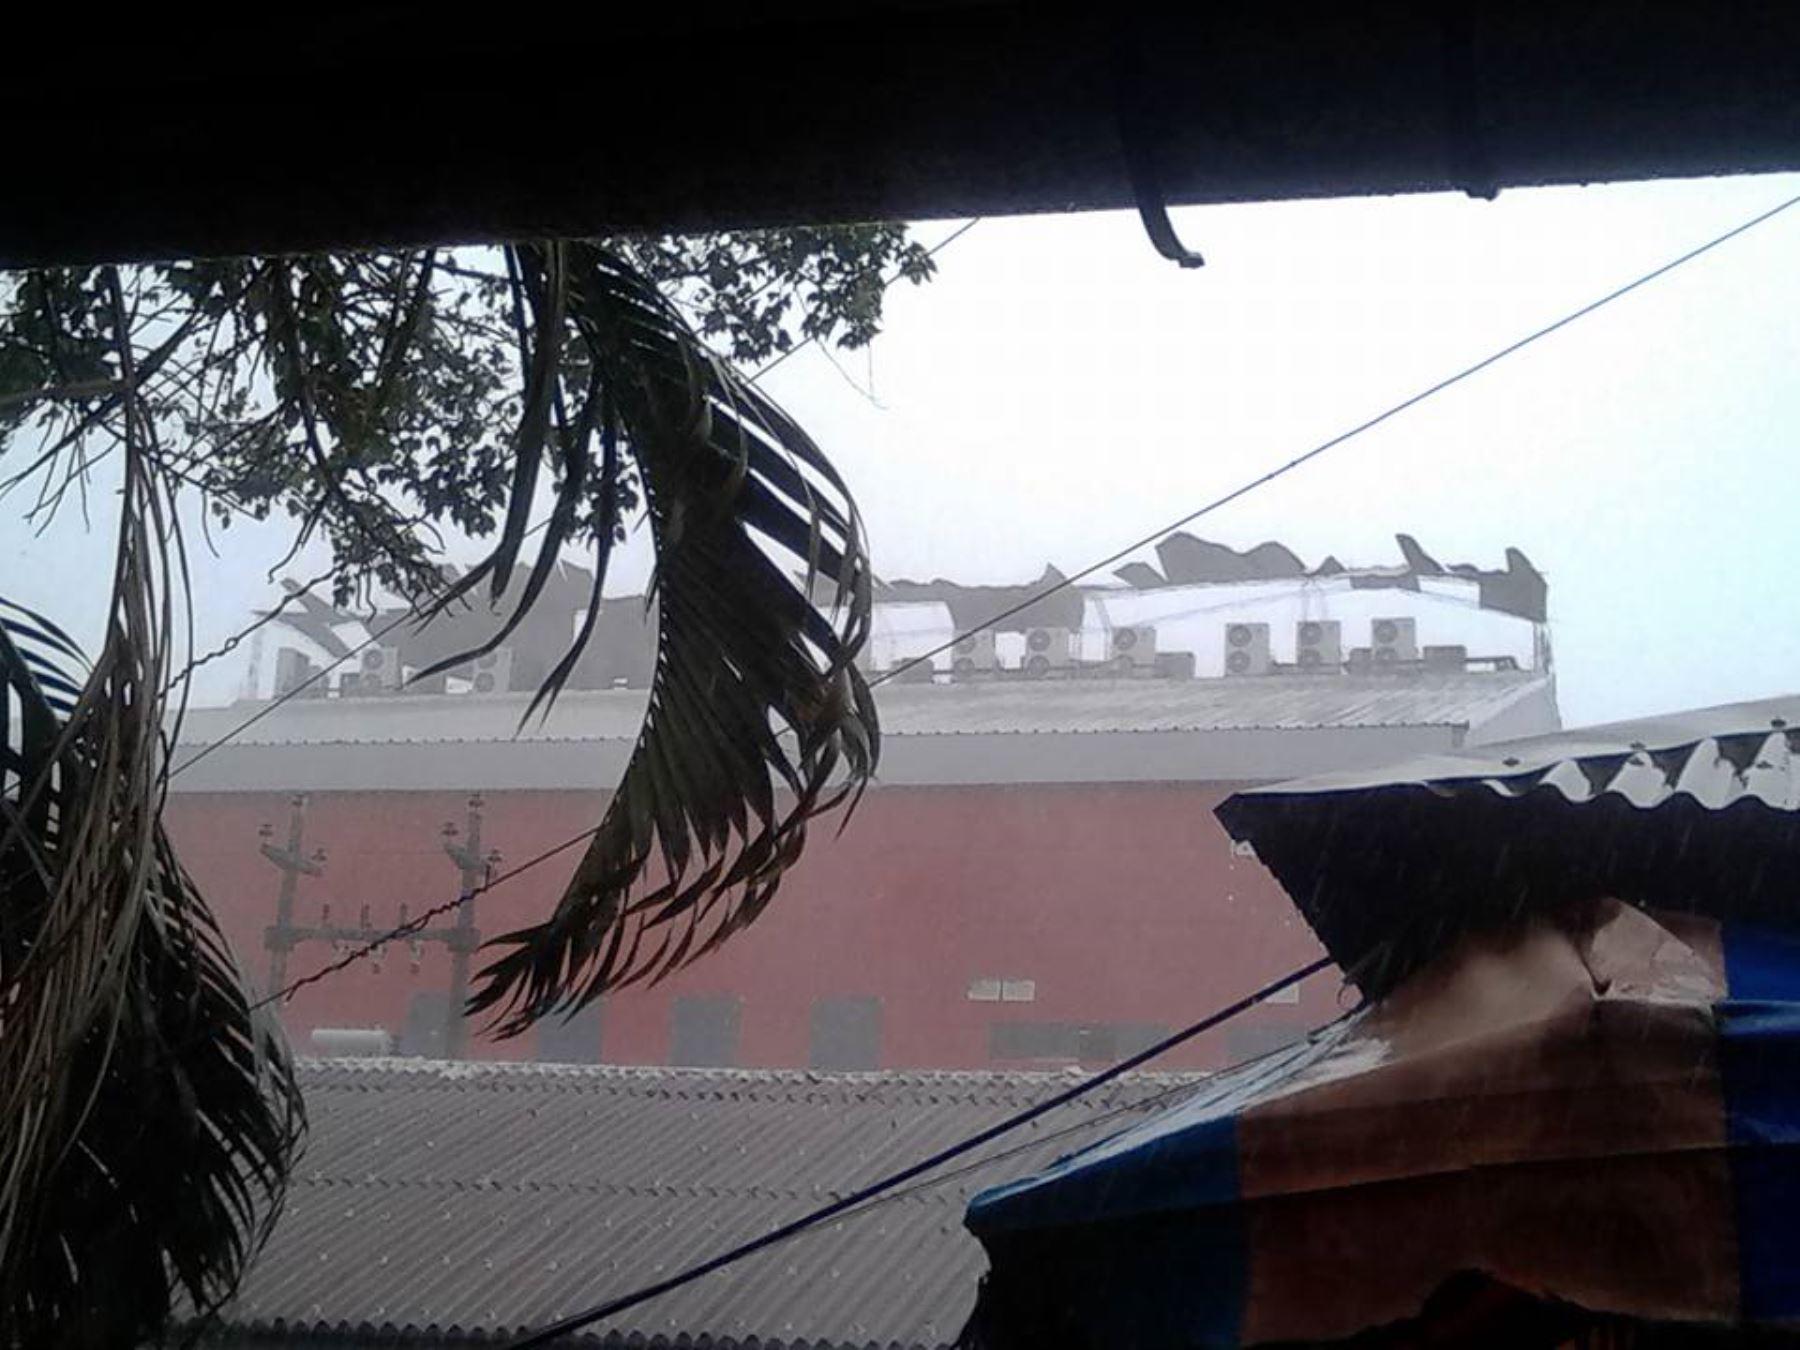 Fuertes vientos provocaron daños considerables a la ciudad de Pucallpa. Foto: Facebook Batidas Policiales